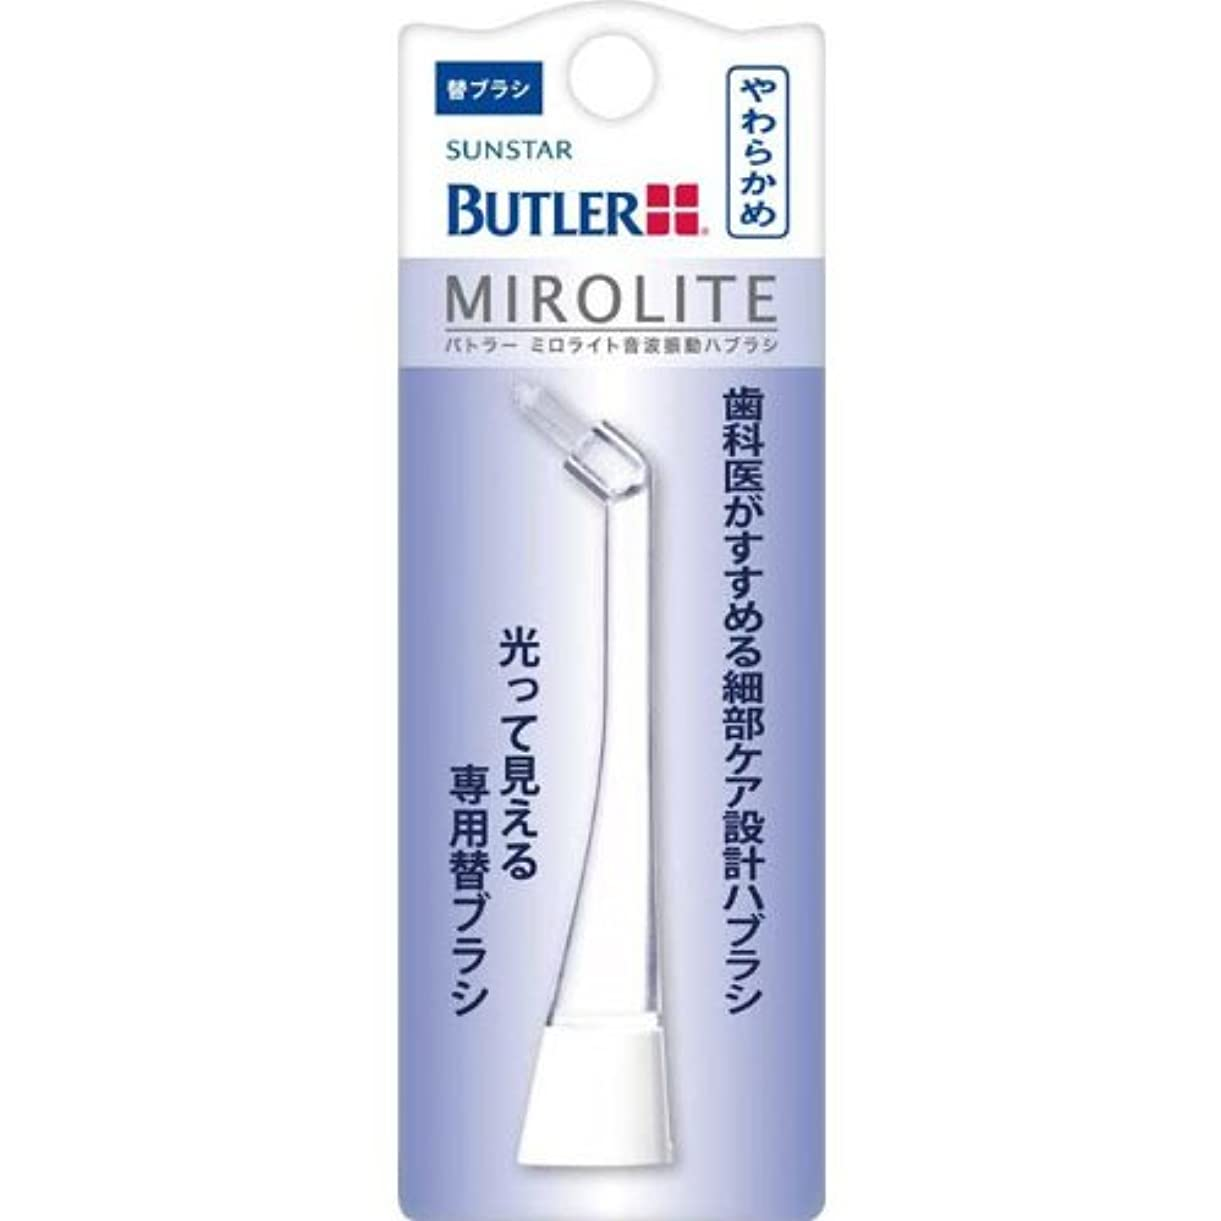 BUTLER(バトラー) ミロライト 音波振動ハブラシ 替シングルタフト PB-01